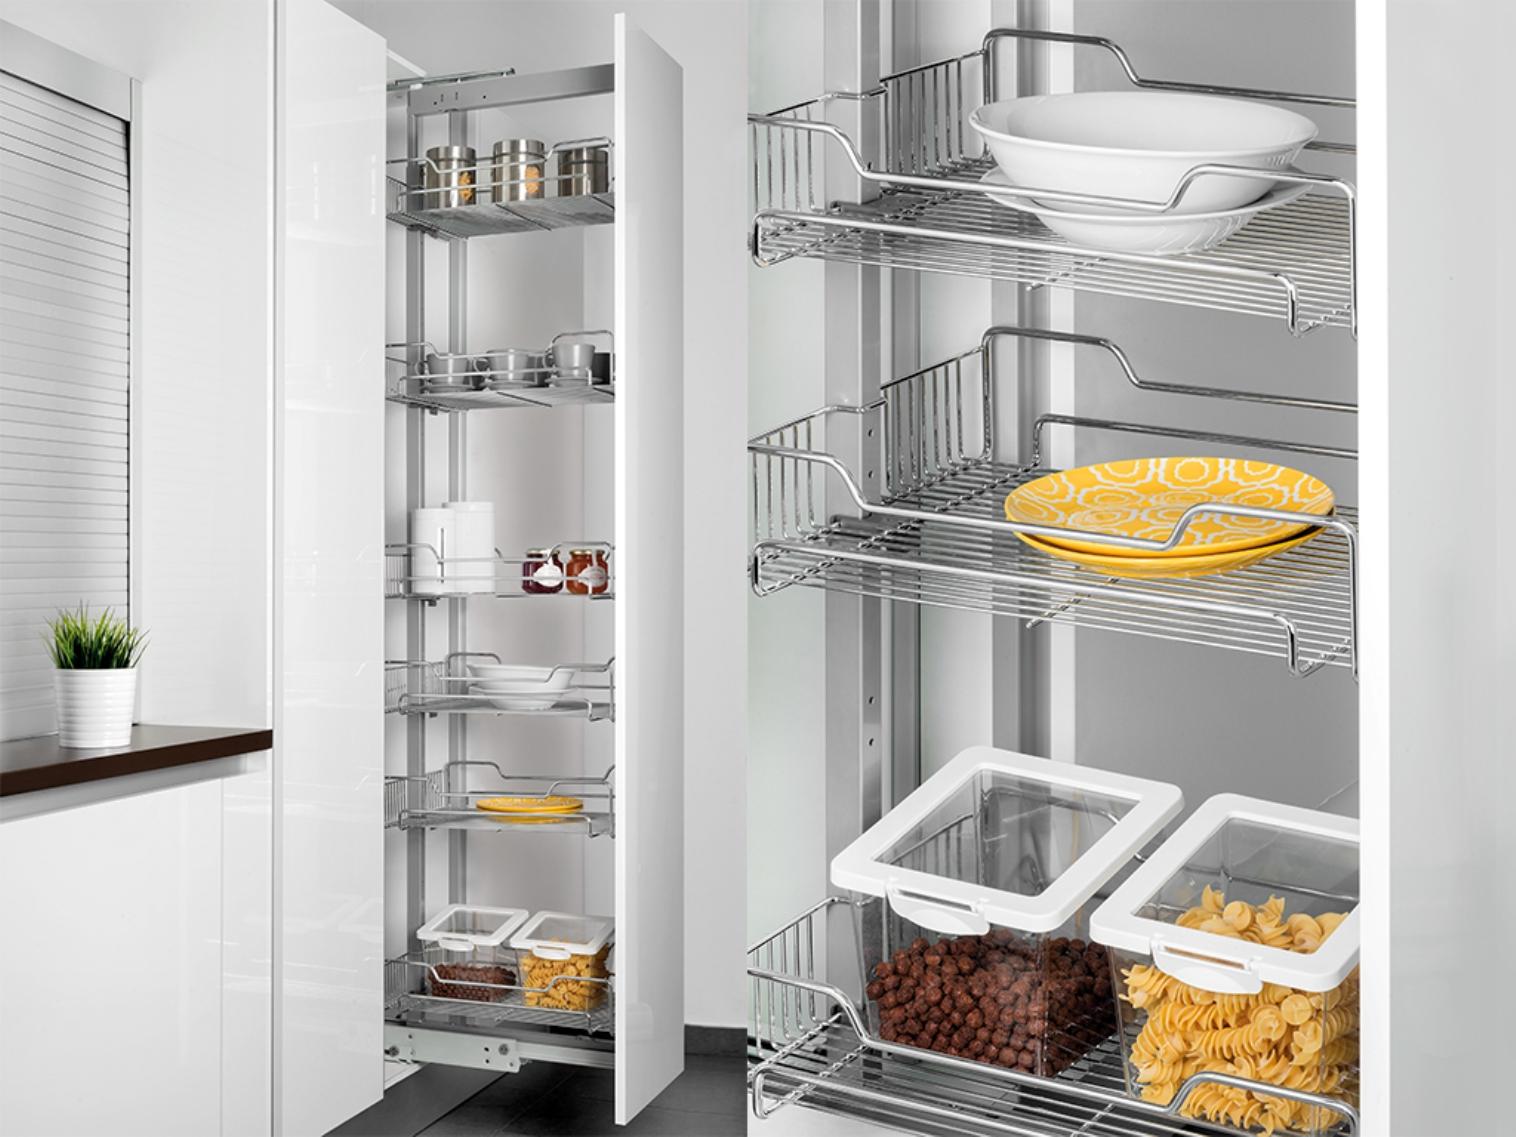 Mobiliaro y accesorios de cocina ferreteia online for Accesorios cocina online